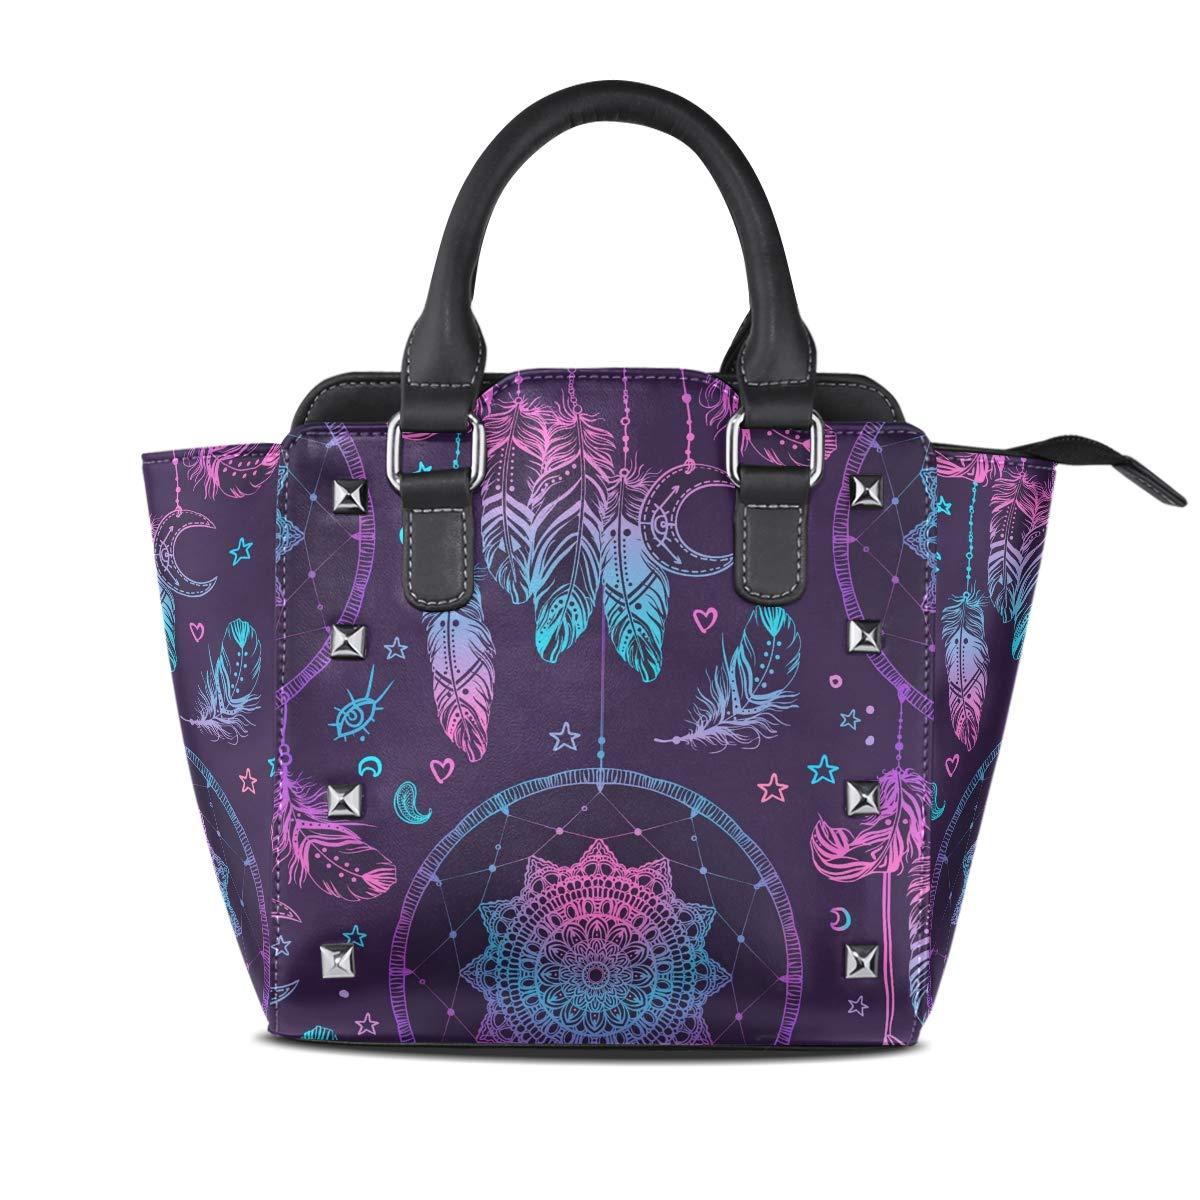 Design1 Handbag colorful Dream Catcher Genuine Leather Tote Rivet Bag Shoulder Strap Top Handle Women